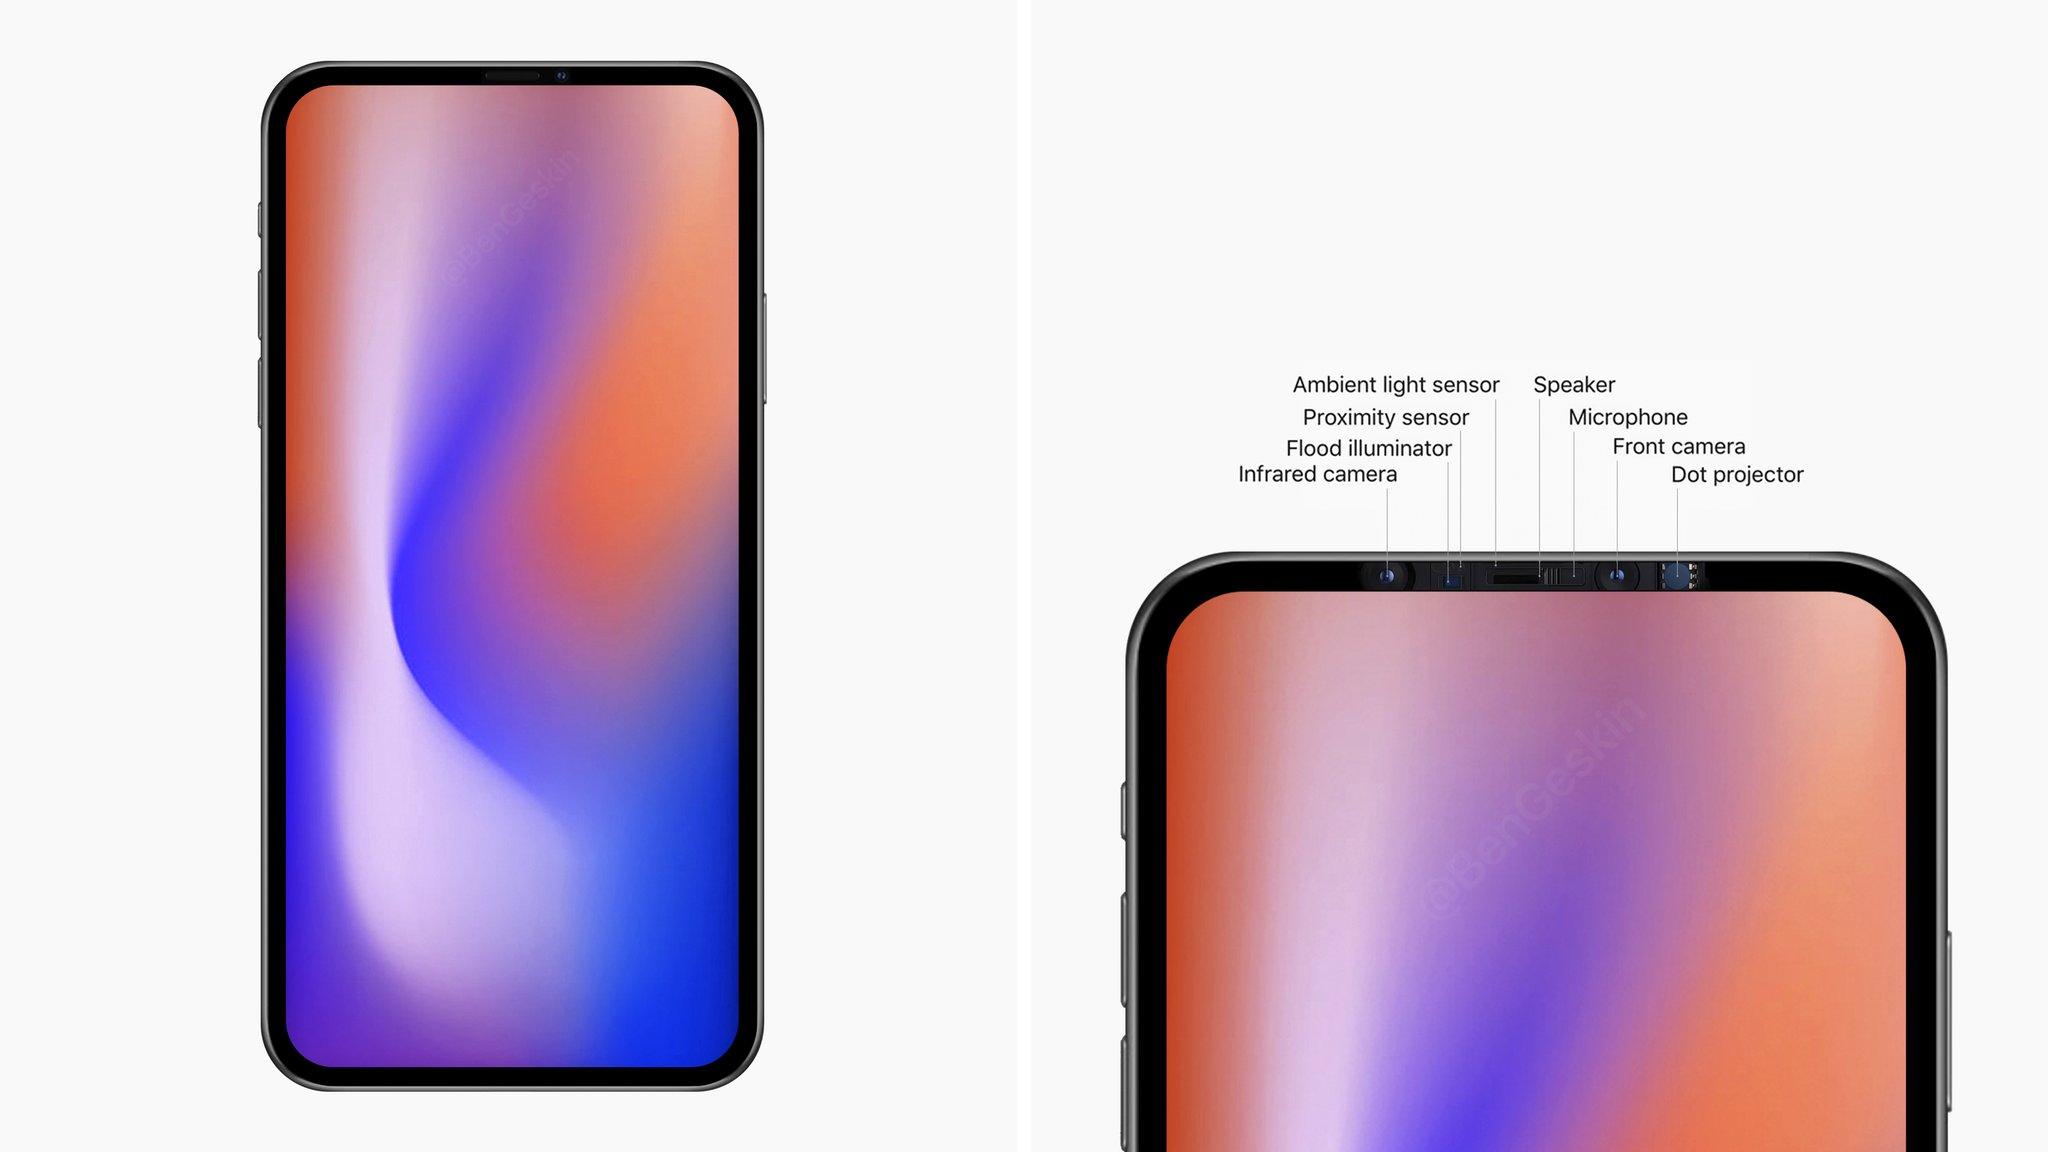 刘海终于没了!苹果开始测试100%屏幕新iPhone